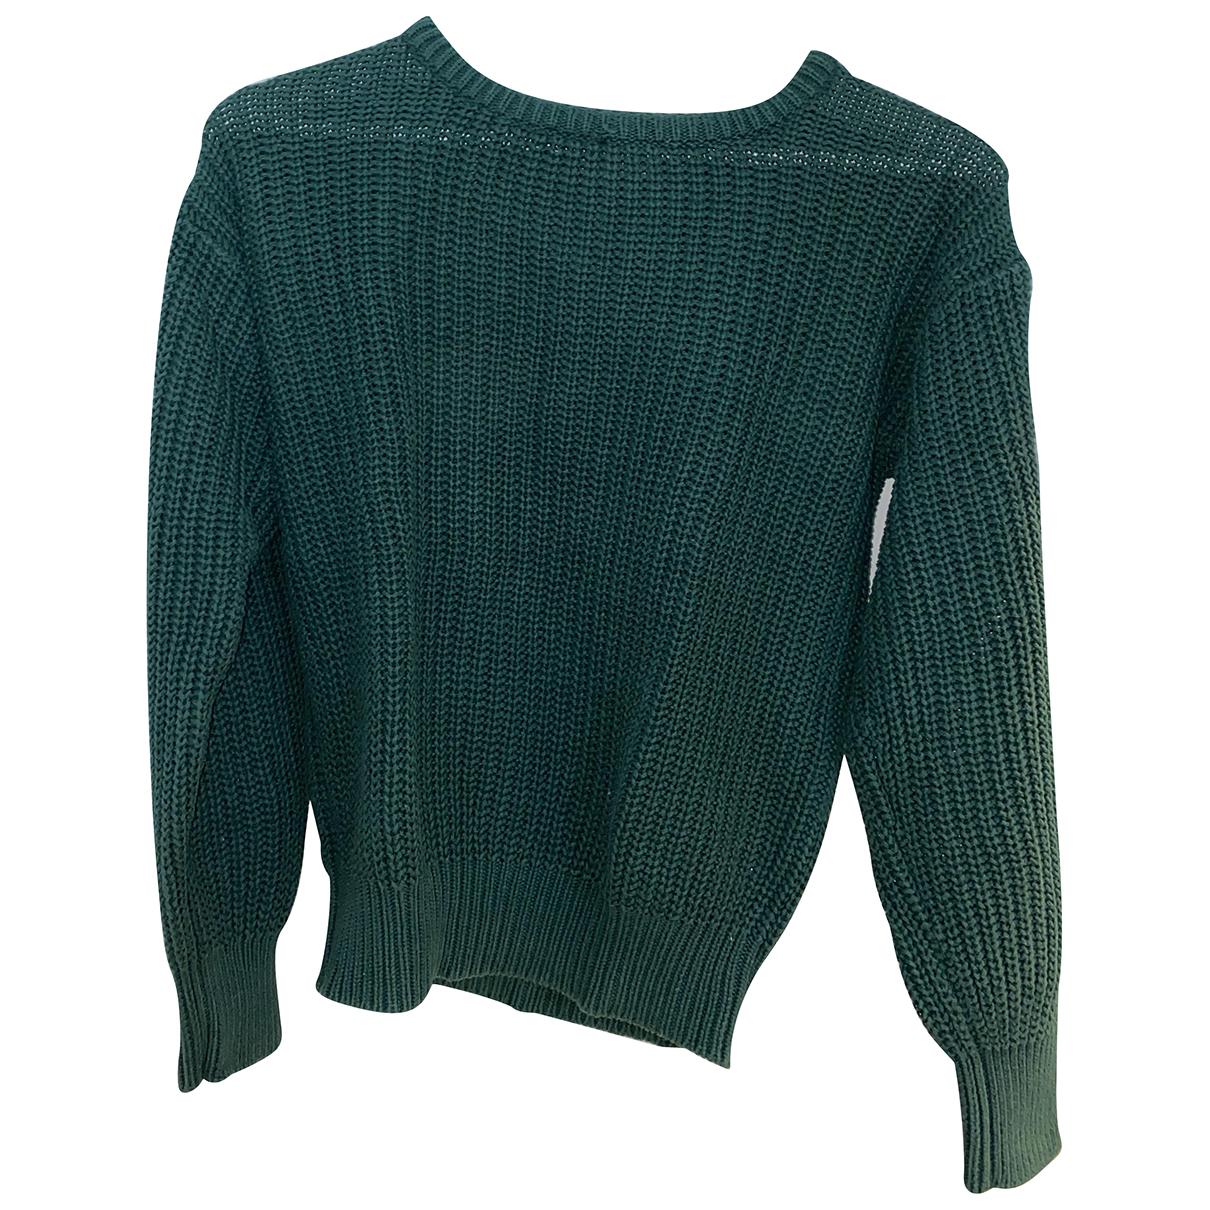 American Apparel - Pull   pour femme en coton - vert